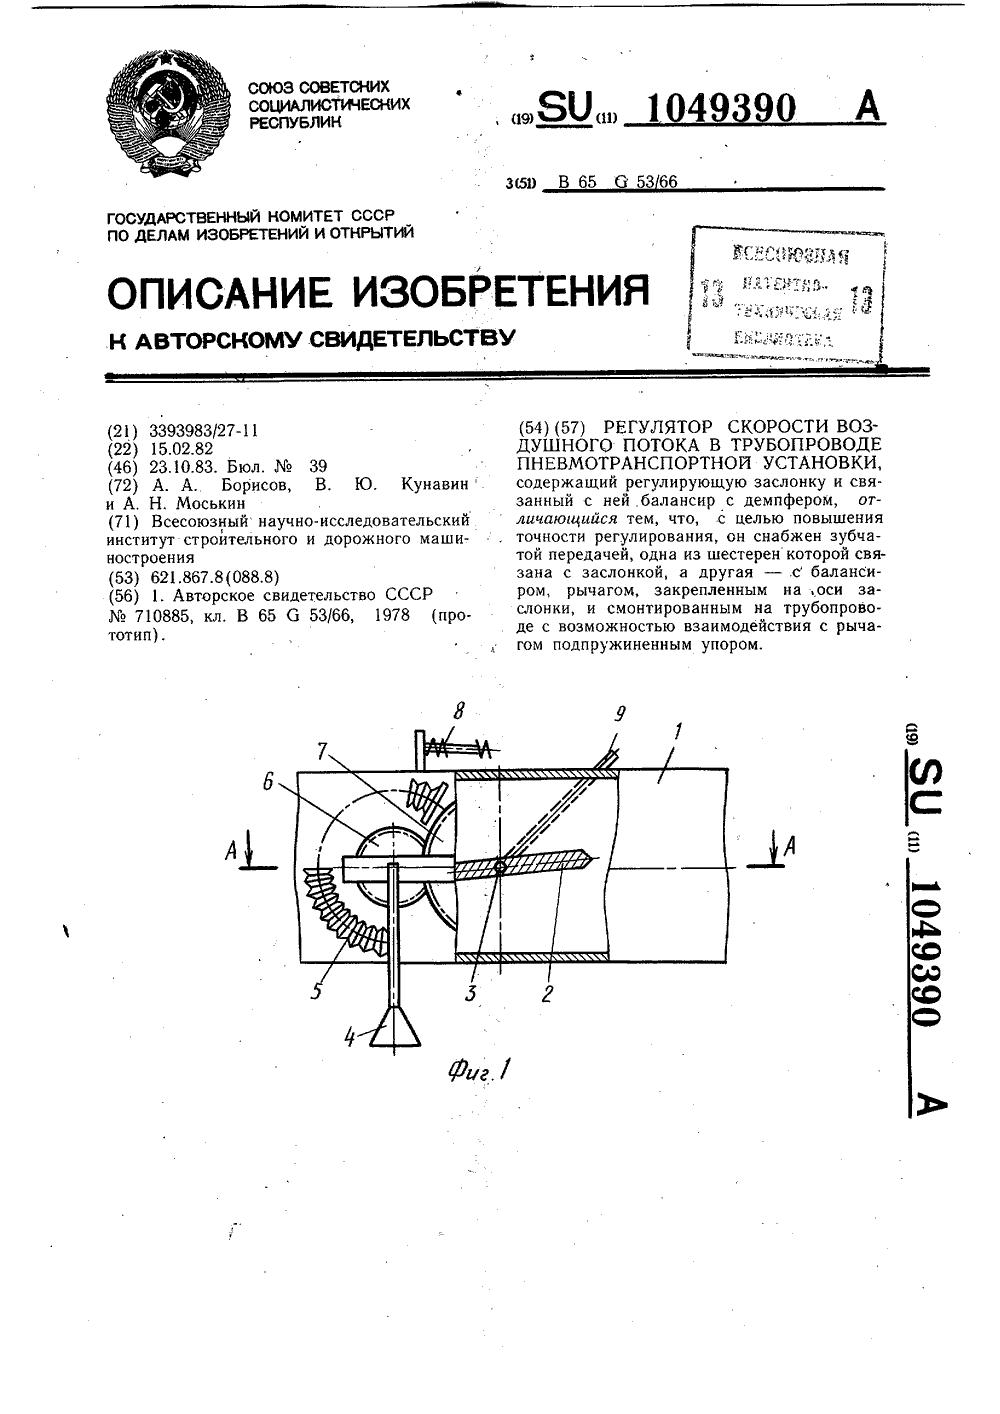 Устройство для определения места закупорки трубопровода